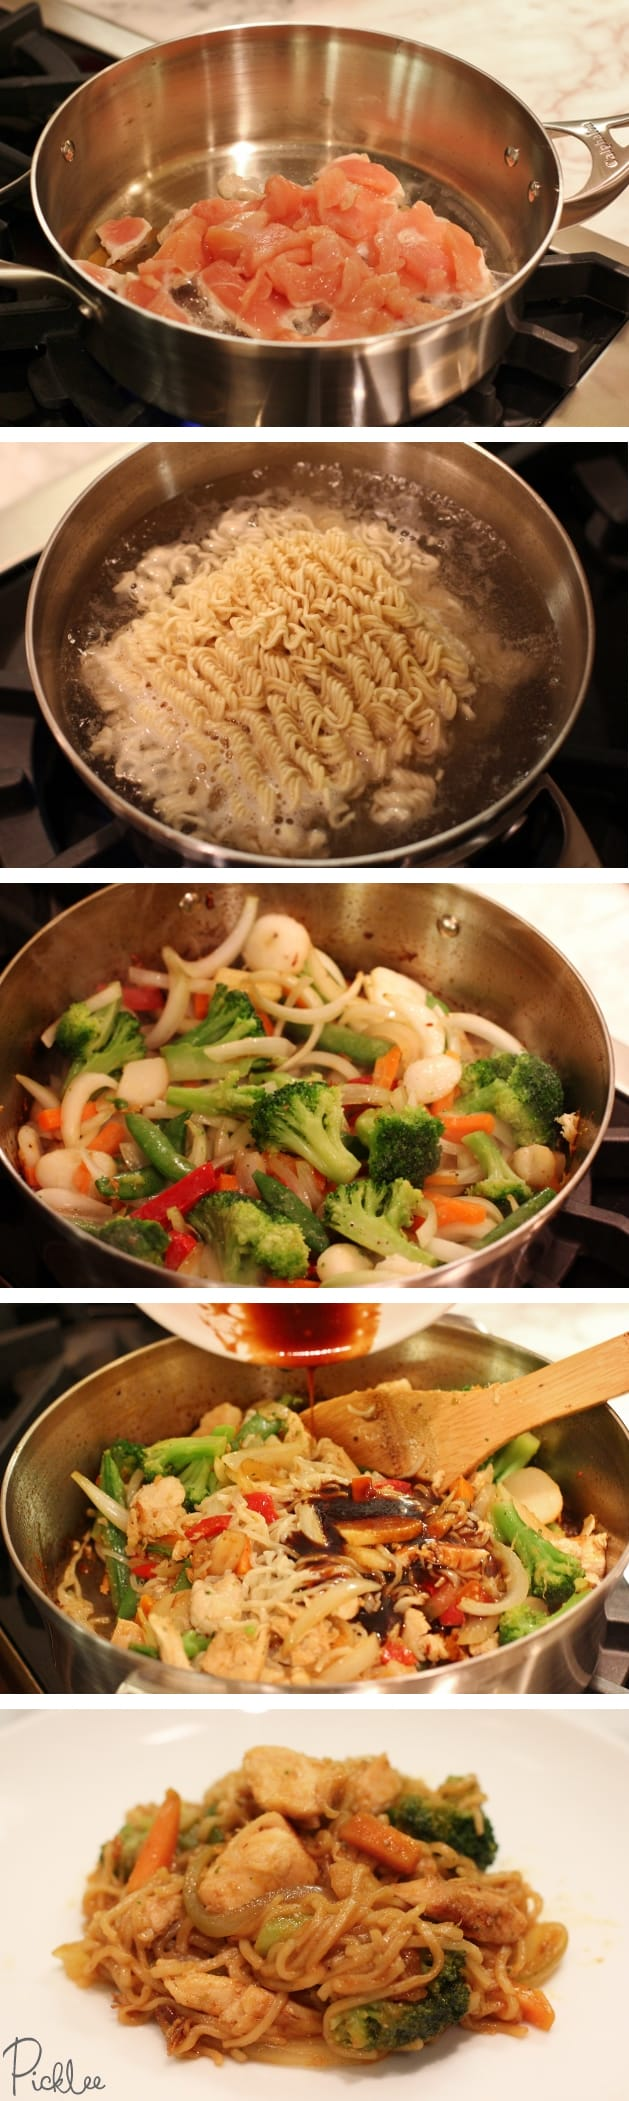 Simple chicken chow mein recipe